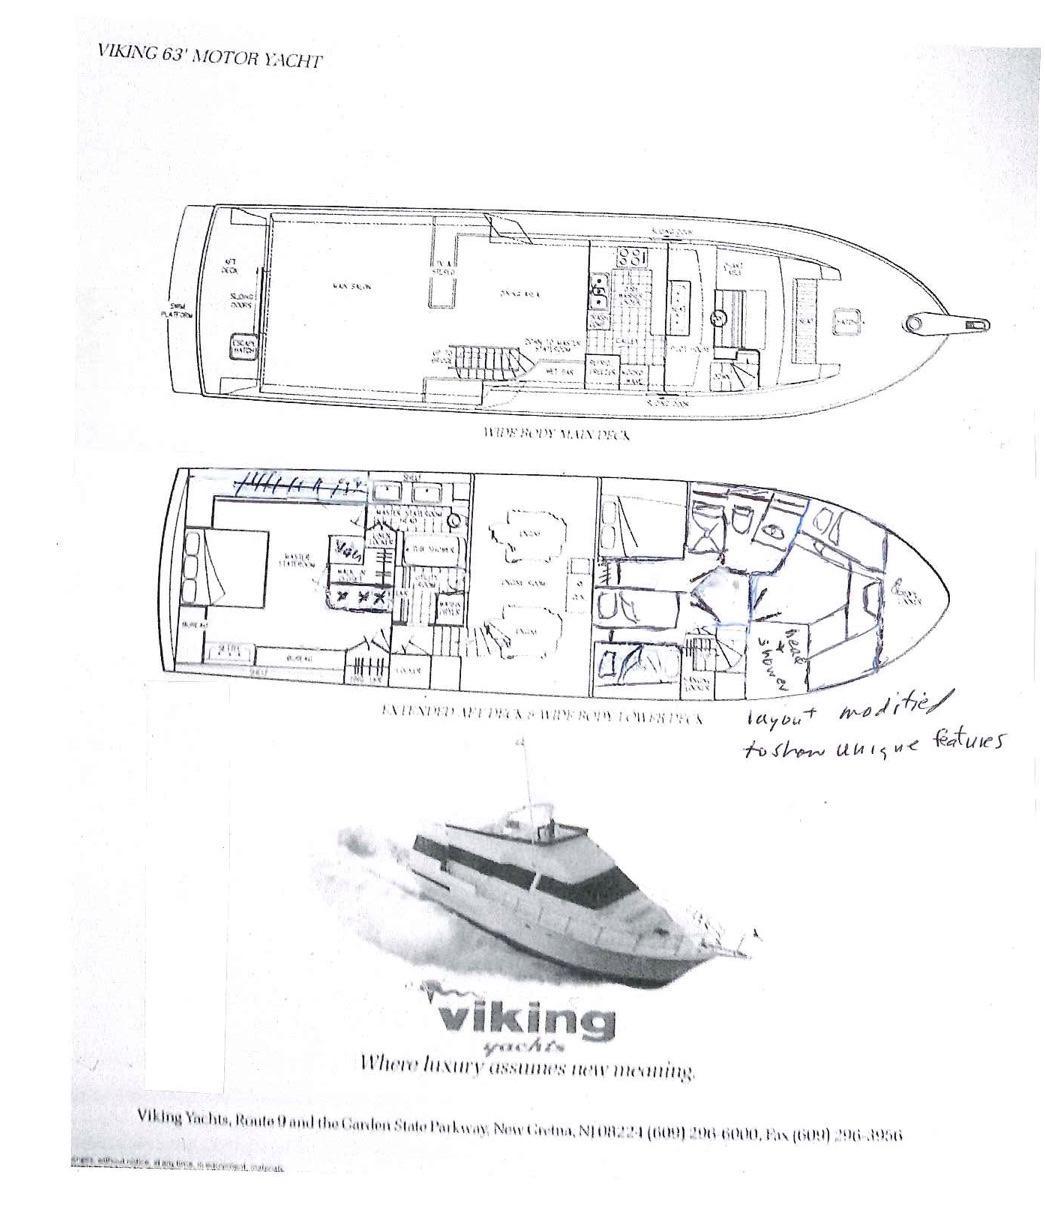 63 Viking Anamari 1989 San Juan | Denison Yacht Sales